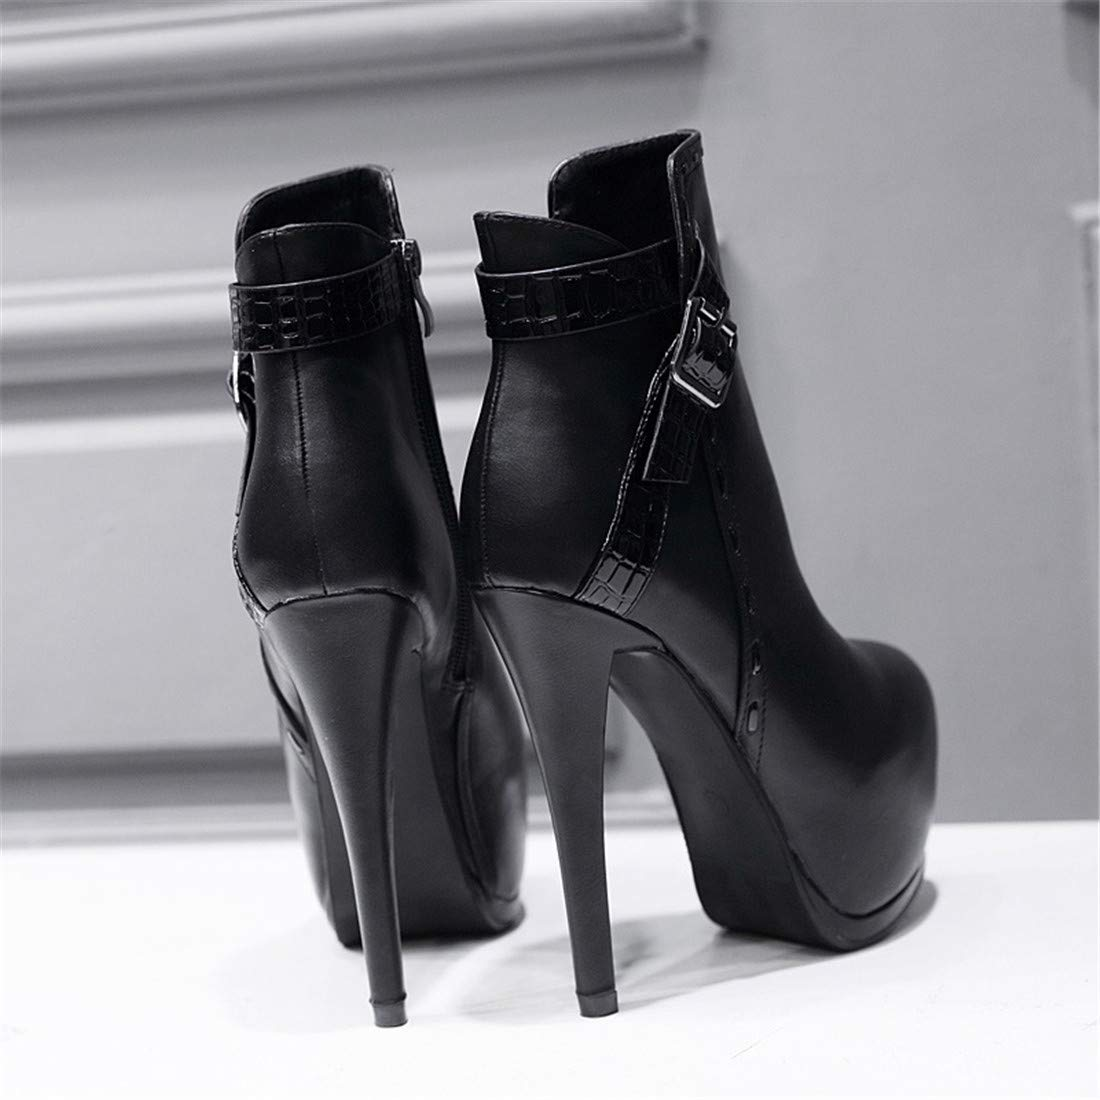 Stiefel & & & Stiefeletten, Martin Stiefel für FrauenEuropa und die Vereinigten Staaten Mode High Heel Stiefel  Hammer Stiefel High Heel Plattform Wasserdichte Stiefel b1e8aa